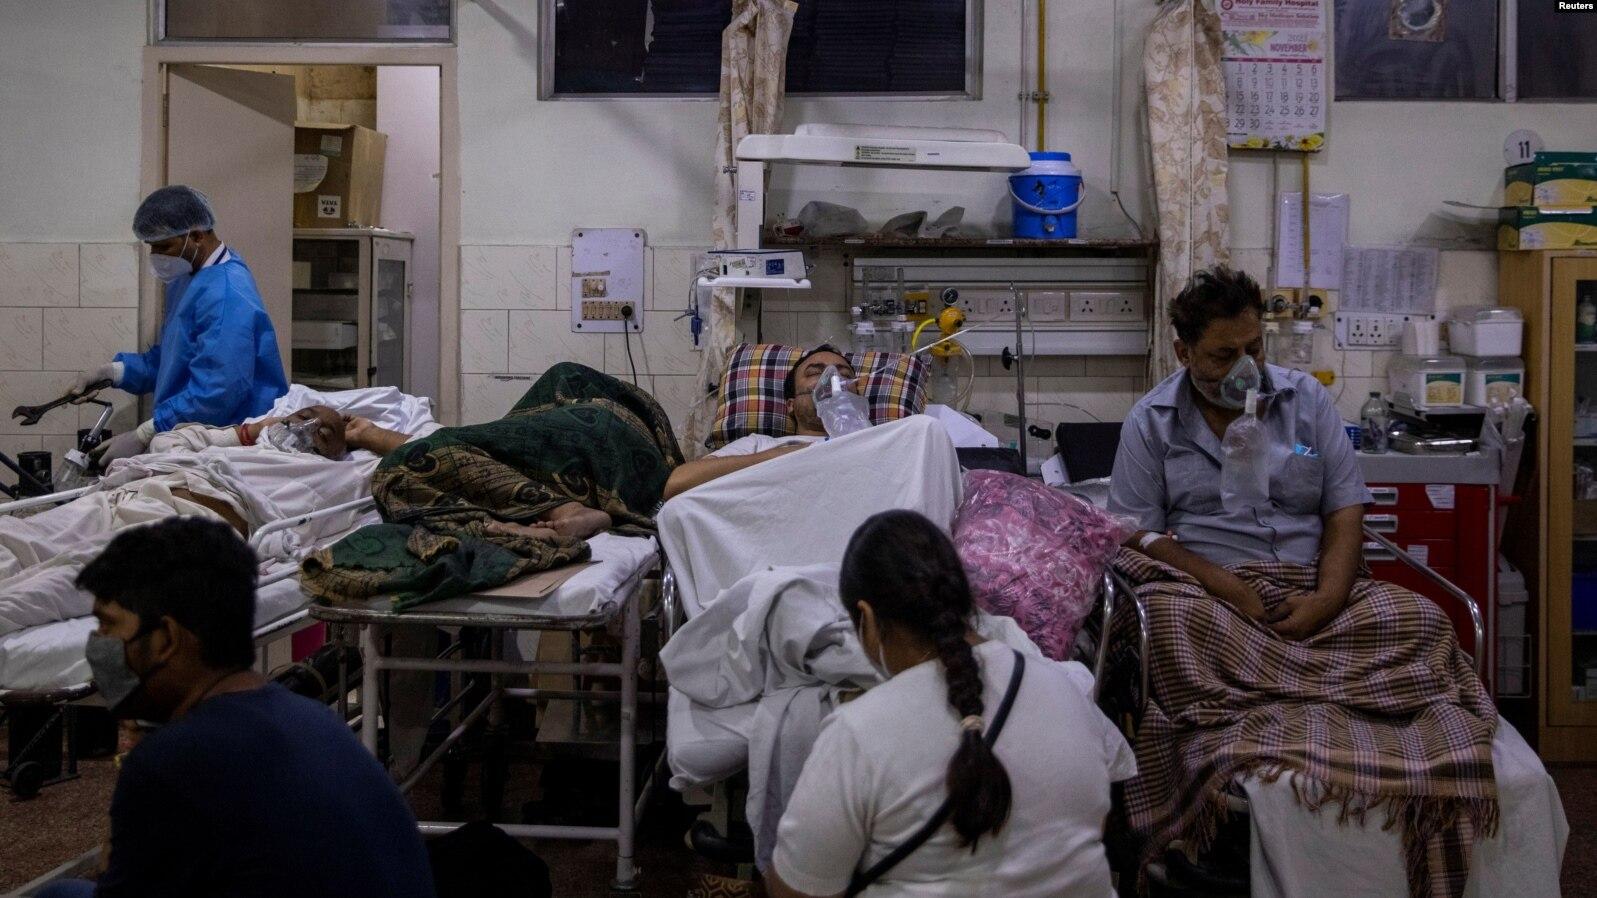 https: img.okezone.com content 2021 04 30 18 2403192 india-luncurkan-situs-vaksinasi-di-tengah-lonjakan-covid-19-namun-masalah-ini-muncul-7TCJo9RnbS.jpeg